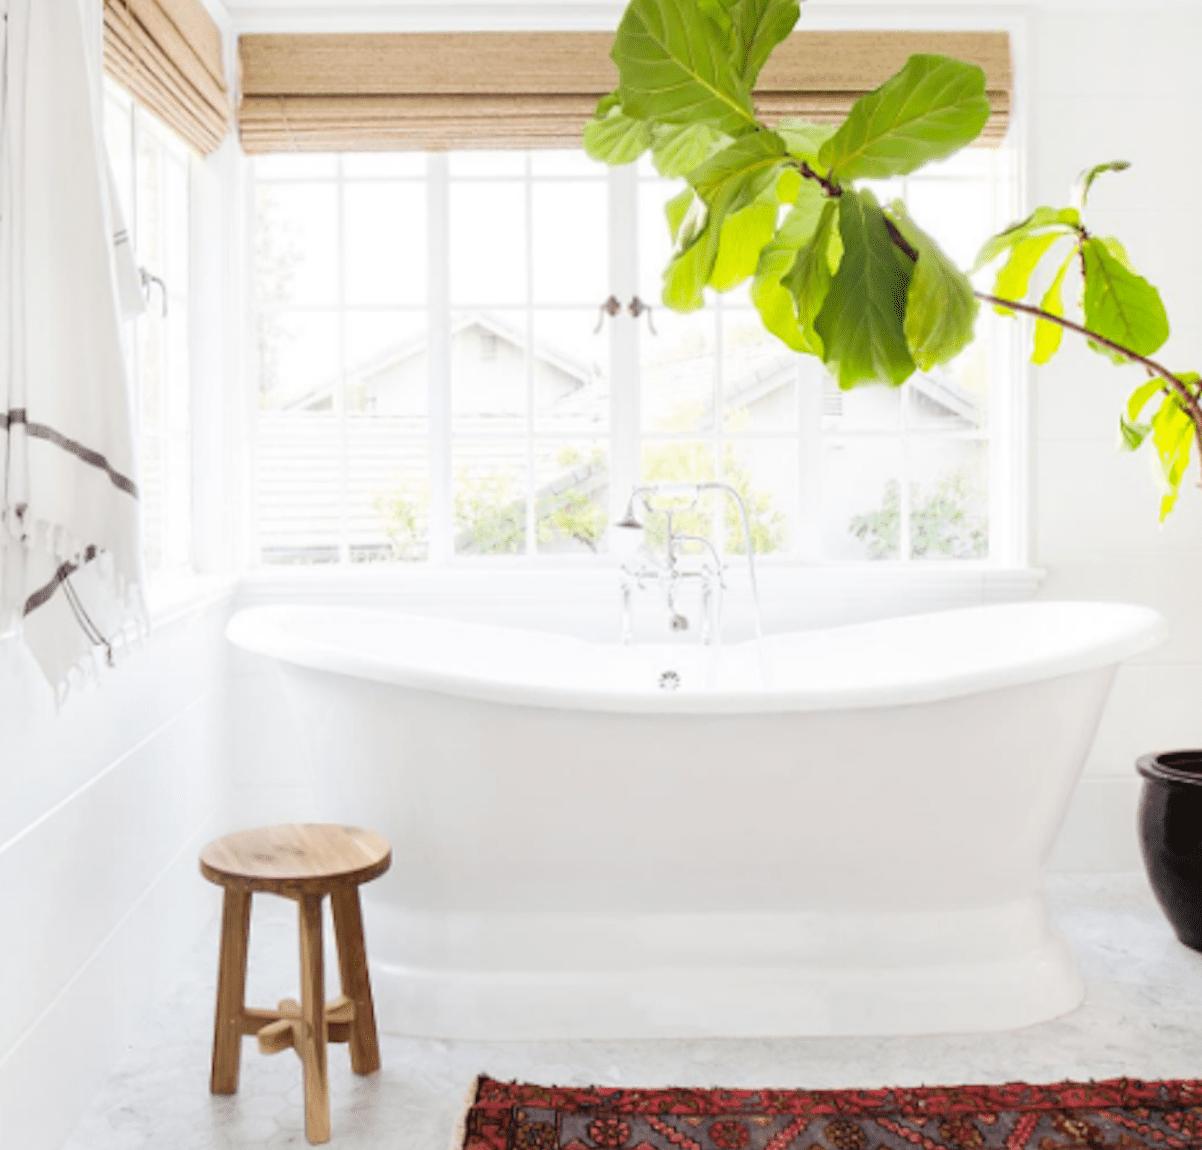 Planta en el baño